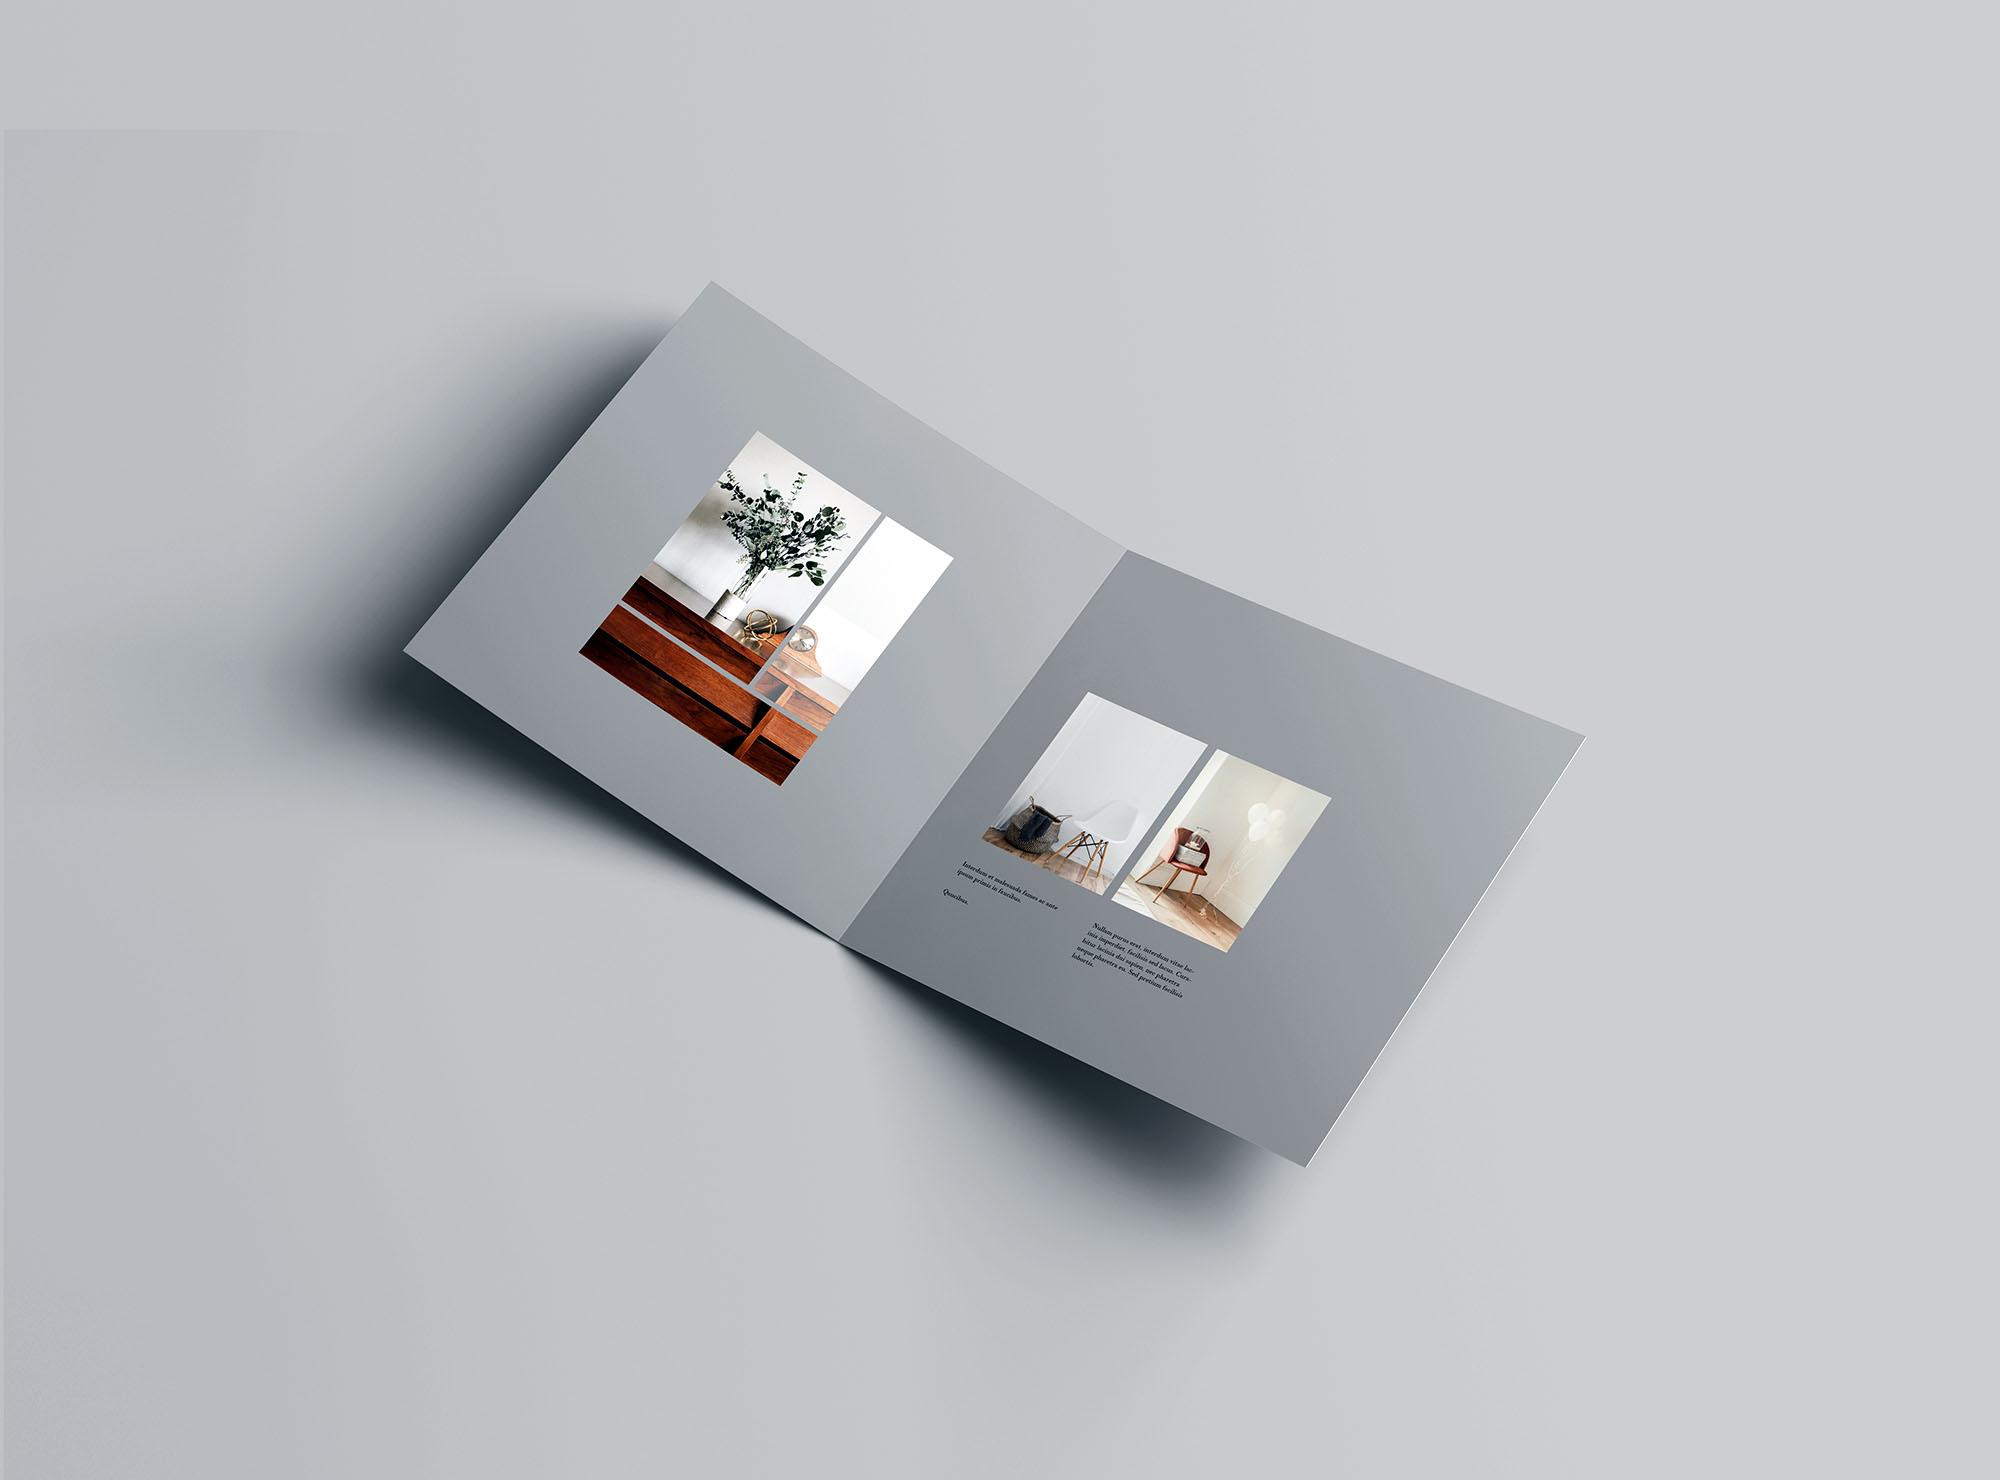 高级方形双折小册子样机PSD模板 Square Bifold Brochure Mockup插图(2)